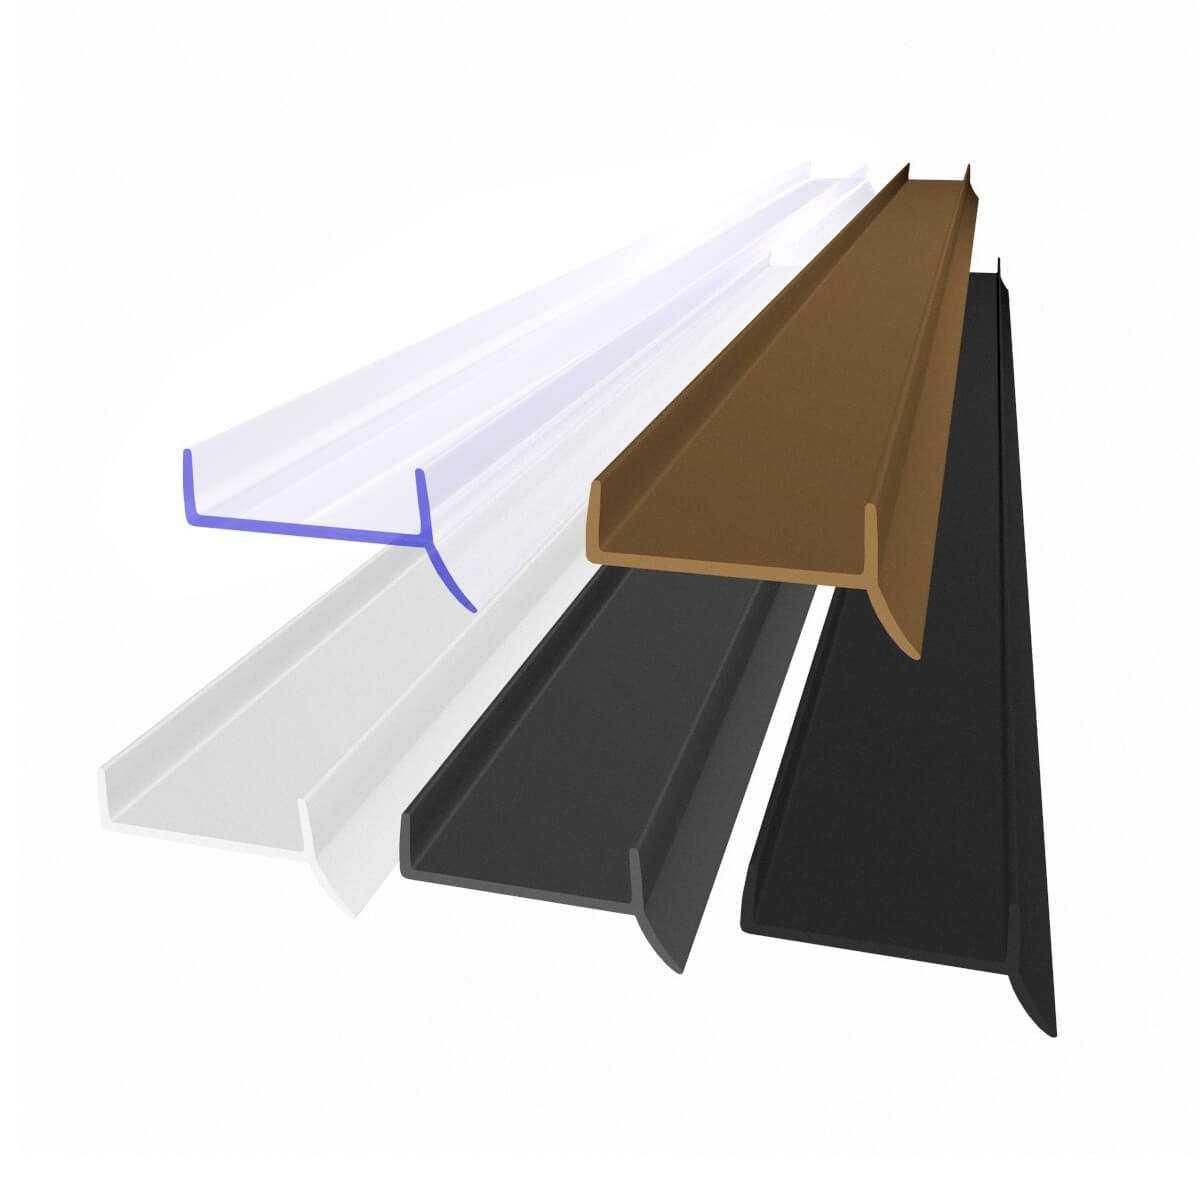 steigner küchenleiste küchensockel dpd abdichtungsprofil sockel ... - Sockelverbinder Küche